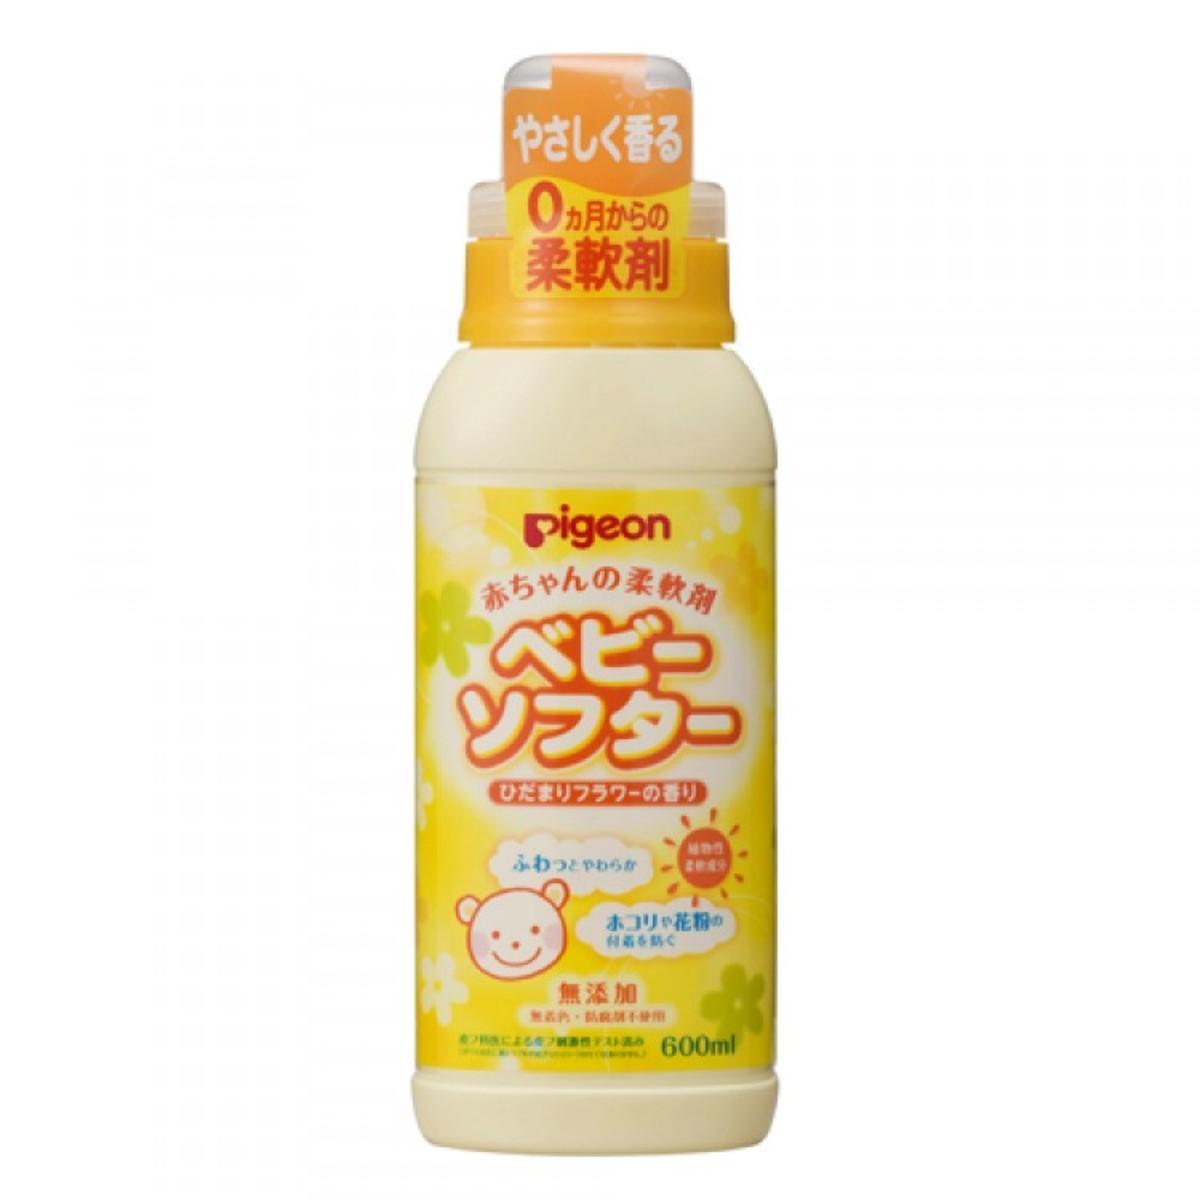 嬰兒衣服柔順劑600ml, 黃色支裝